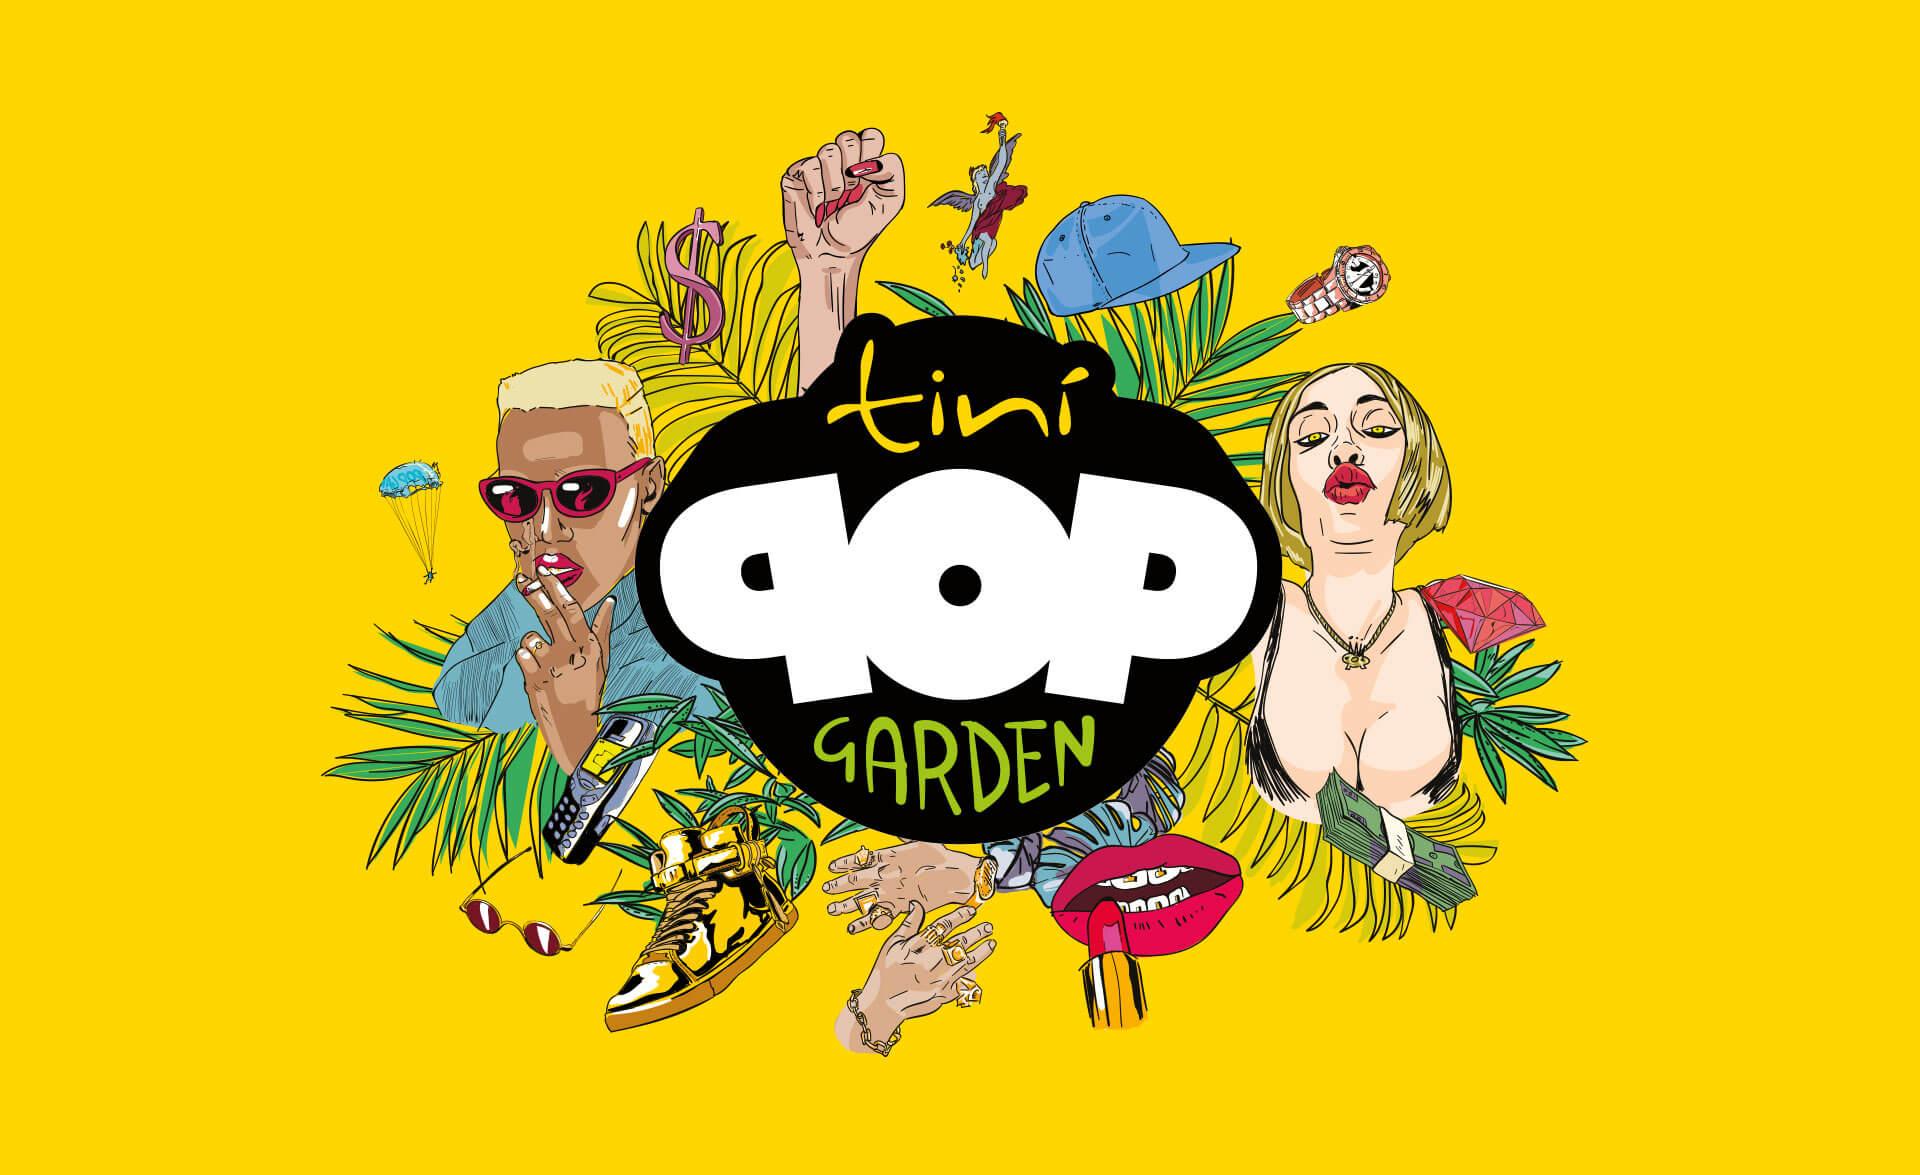 popgarden-header-logo